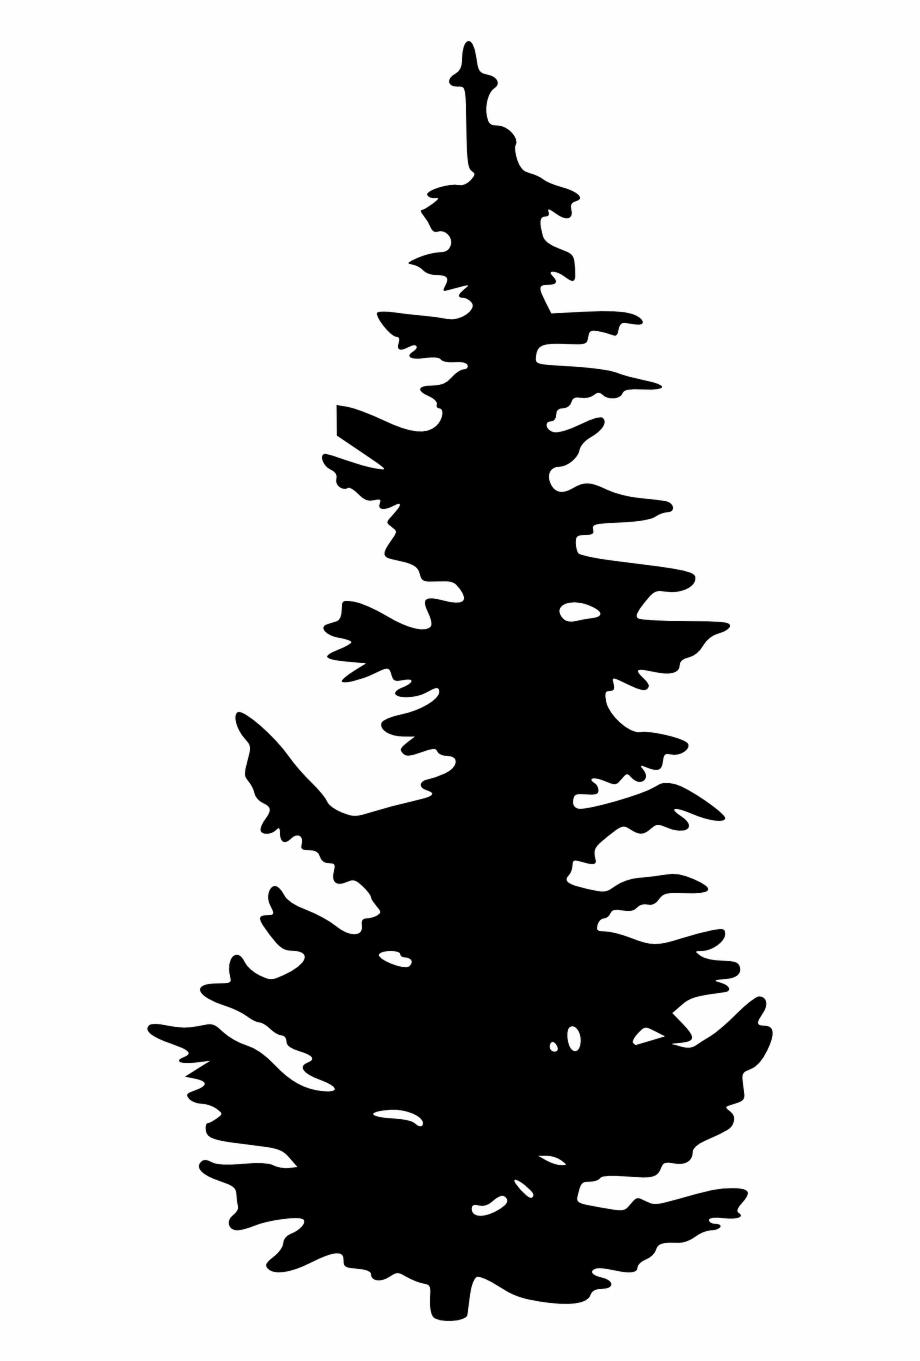 Silhouette, Schwarz, Pflanze, Baum, Wächst, Kiefer.